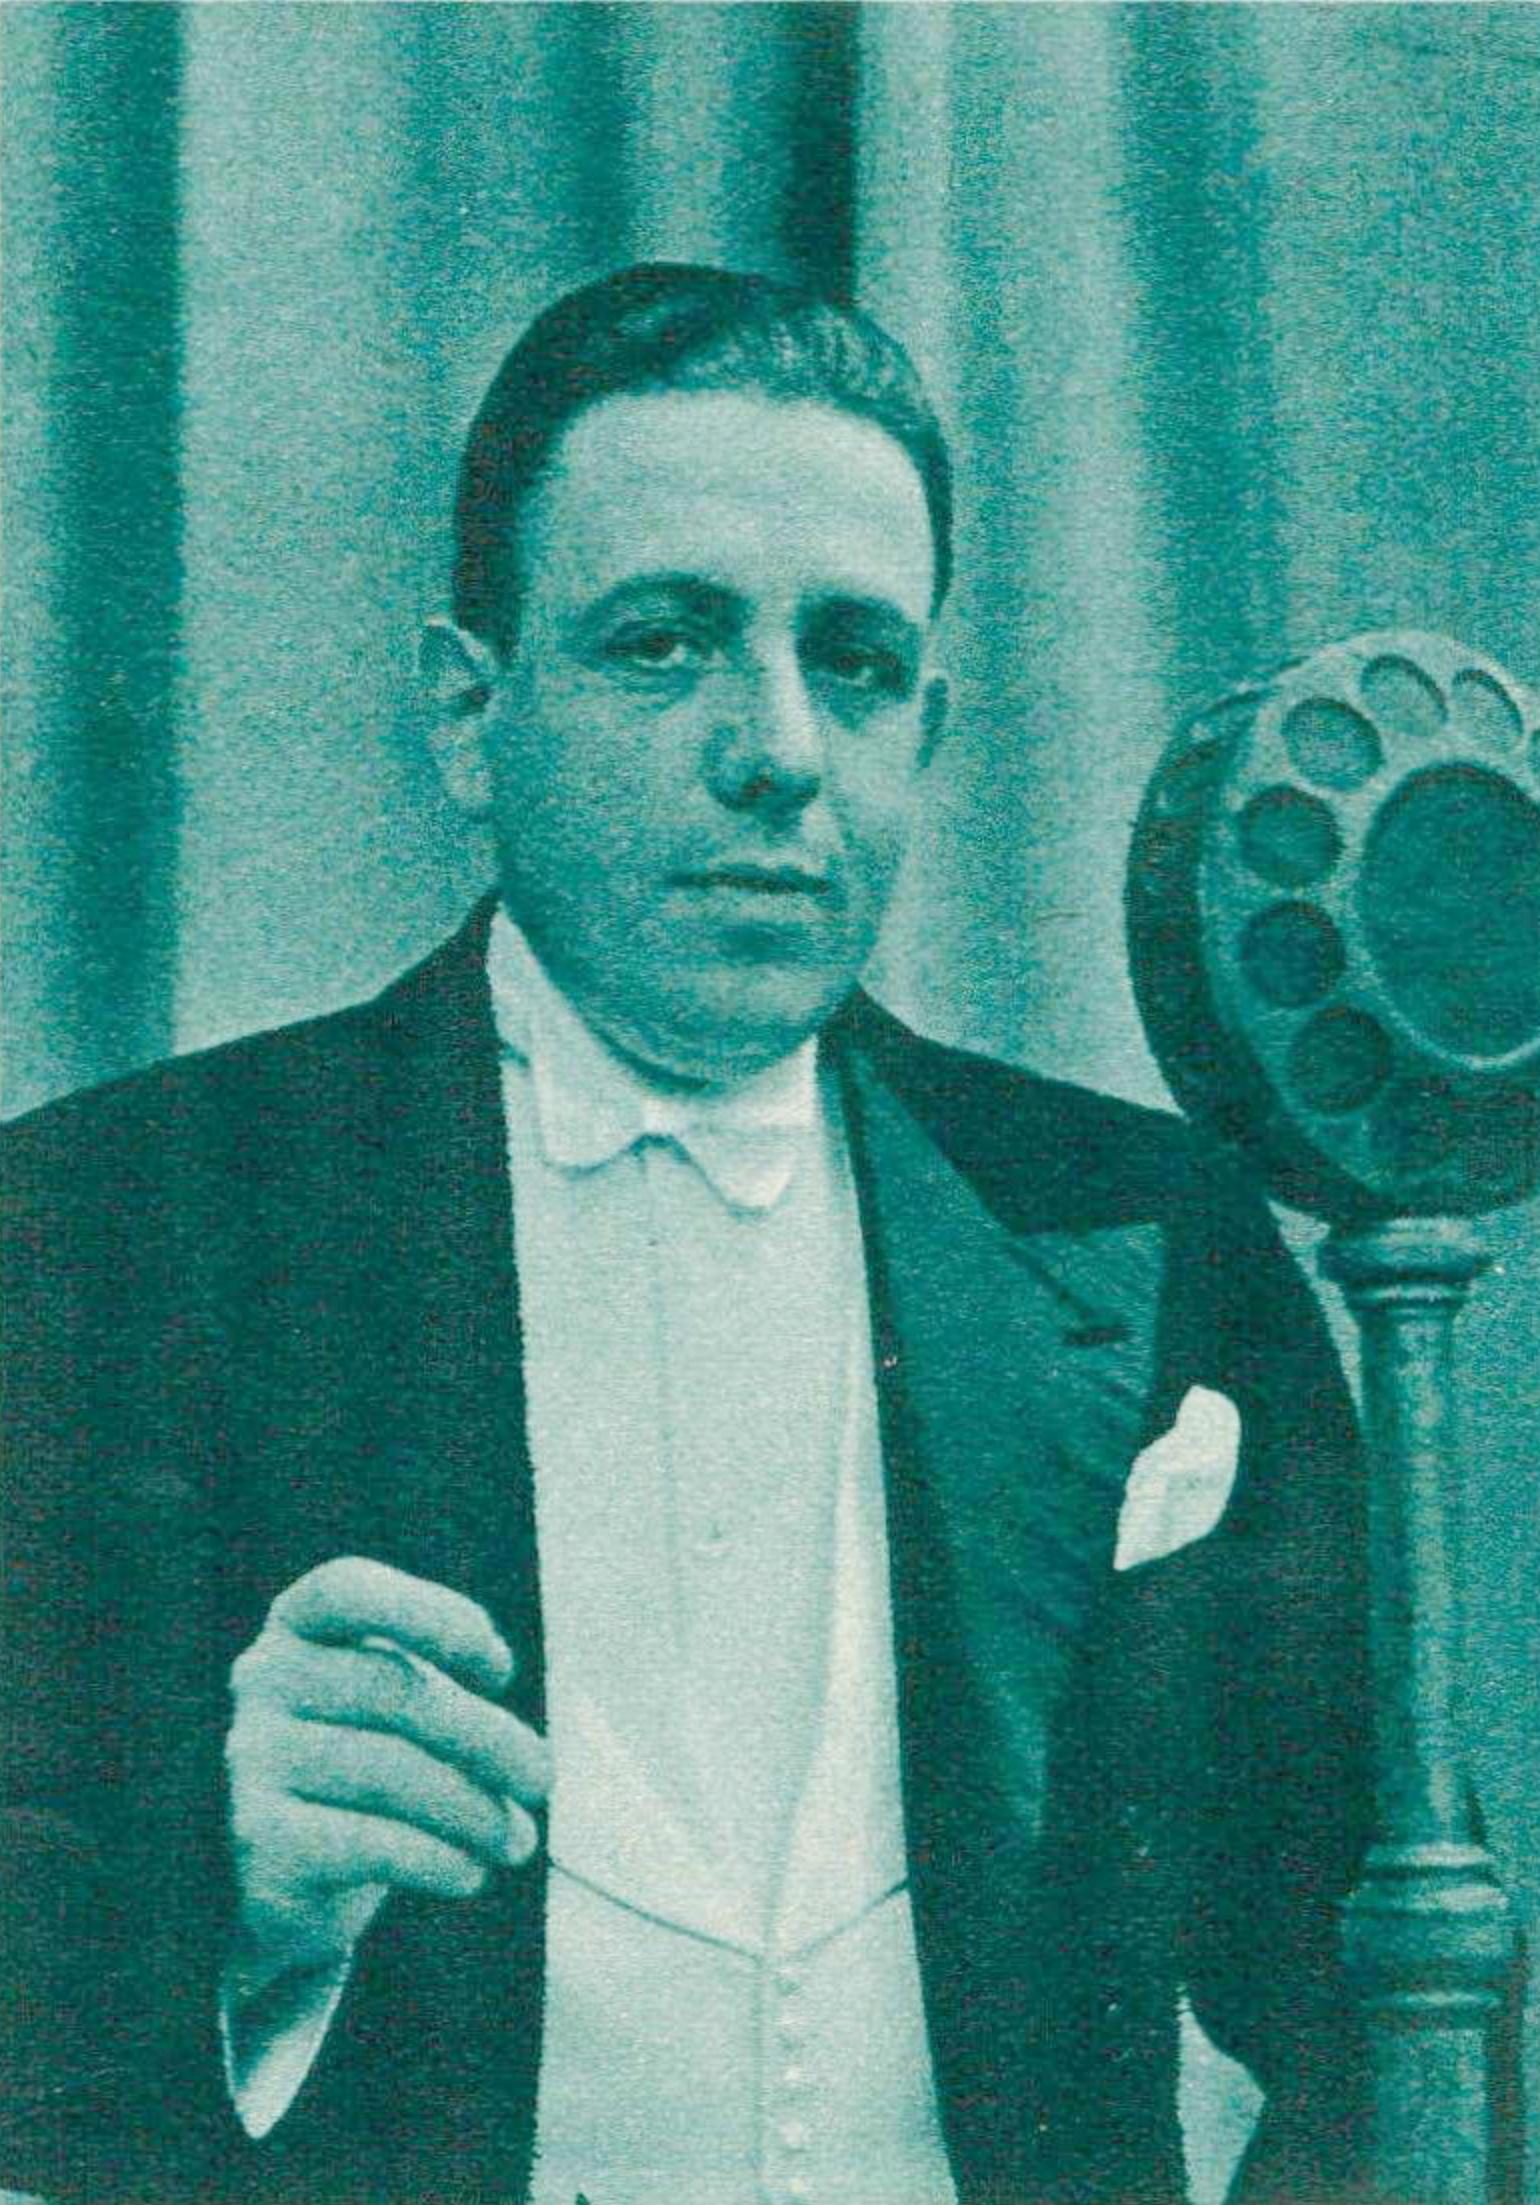 Francis POULENC en 1935, une photo parue entre autres dans la revue Le Radio du 8 novembre 1935 en page 2126